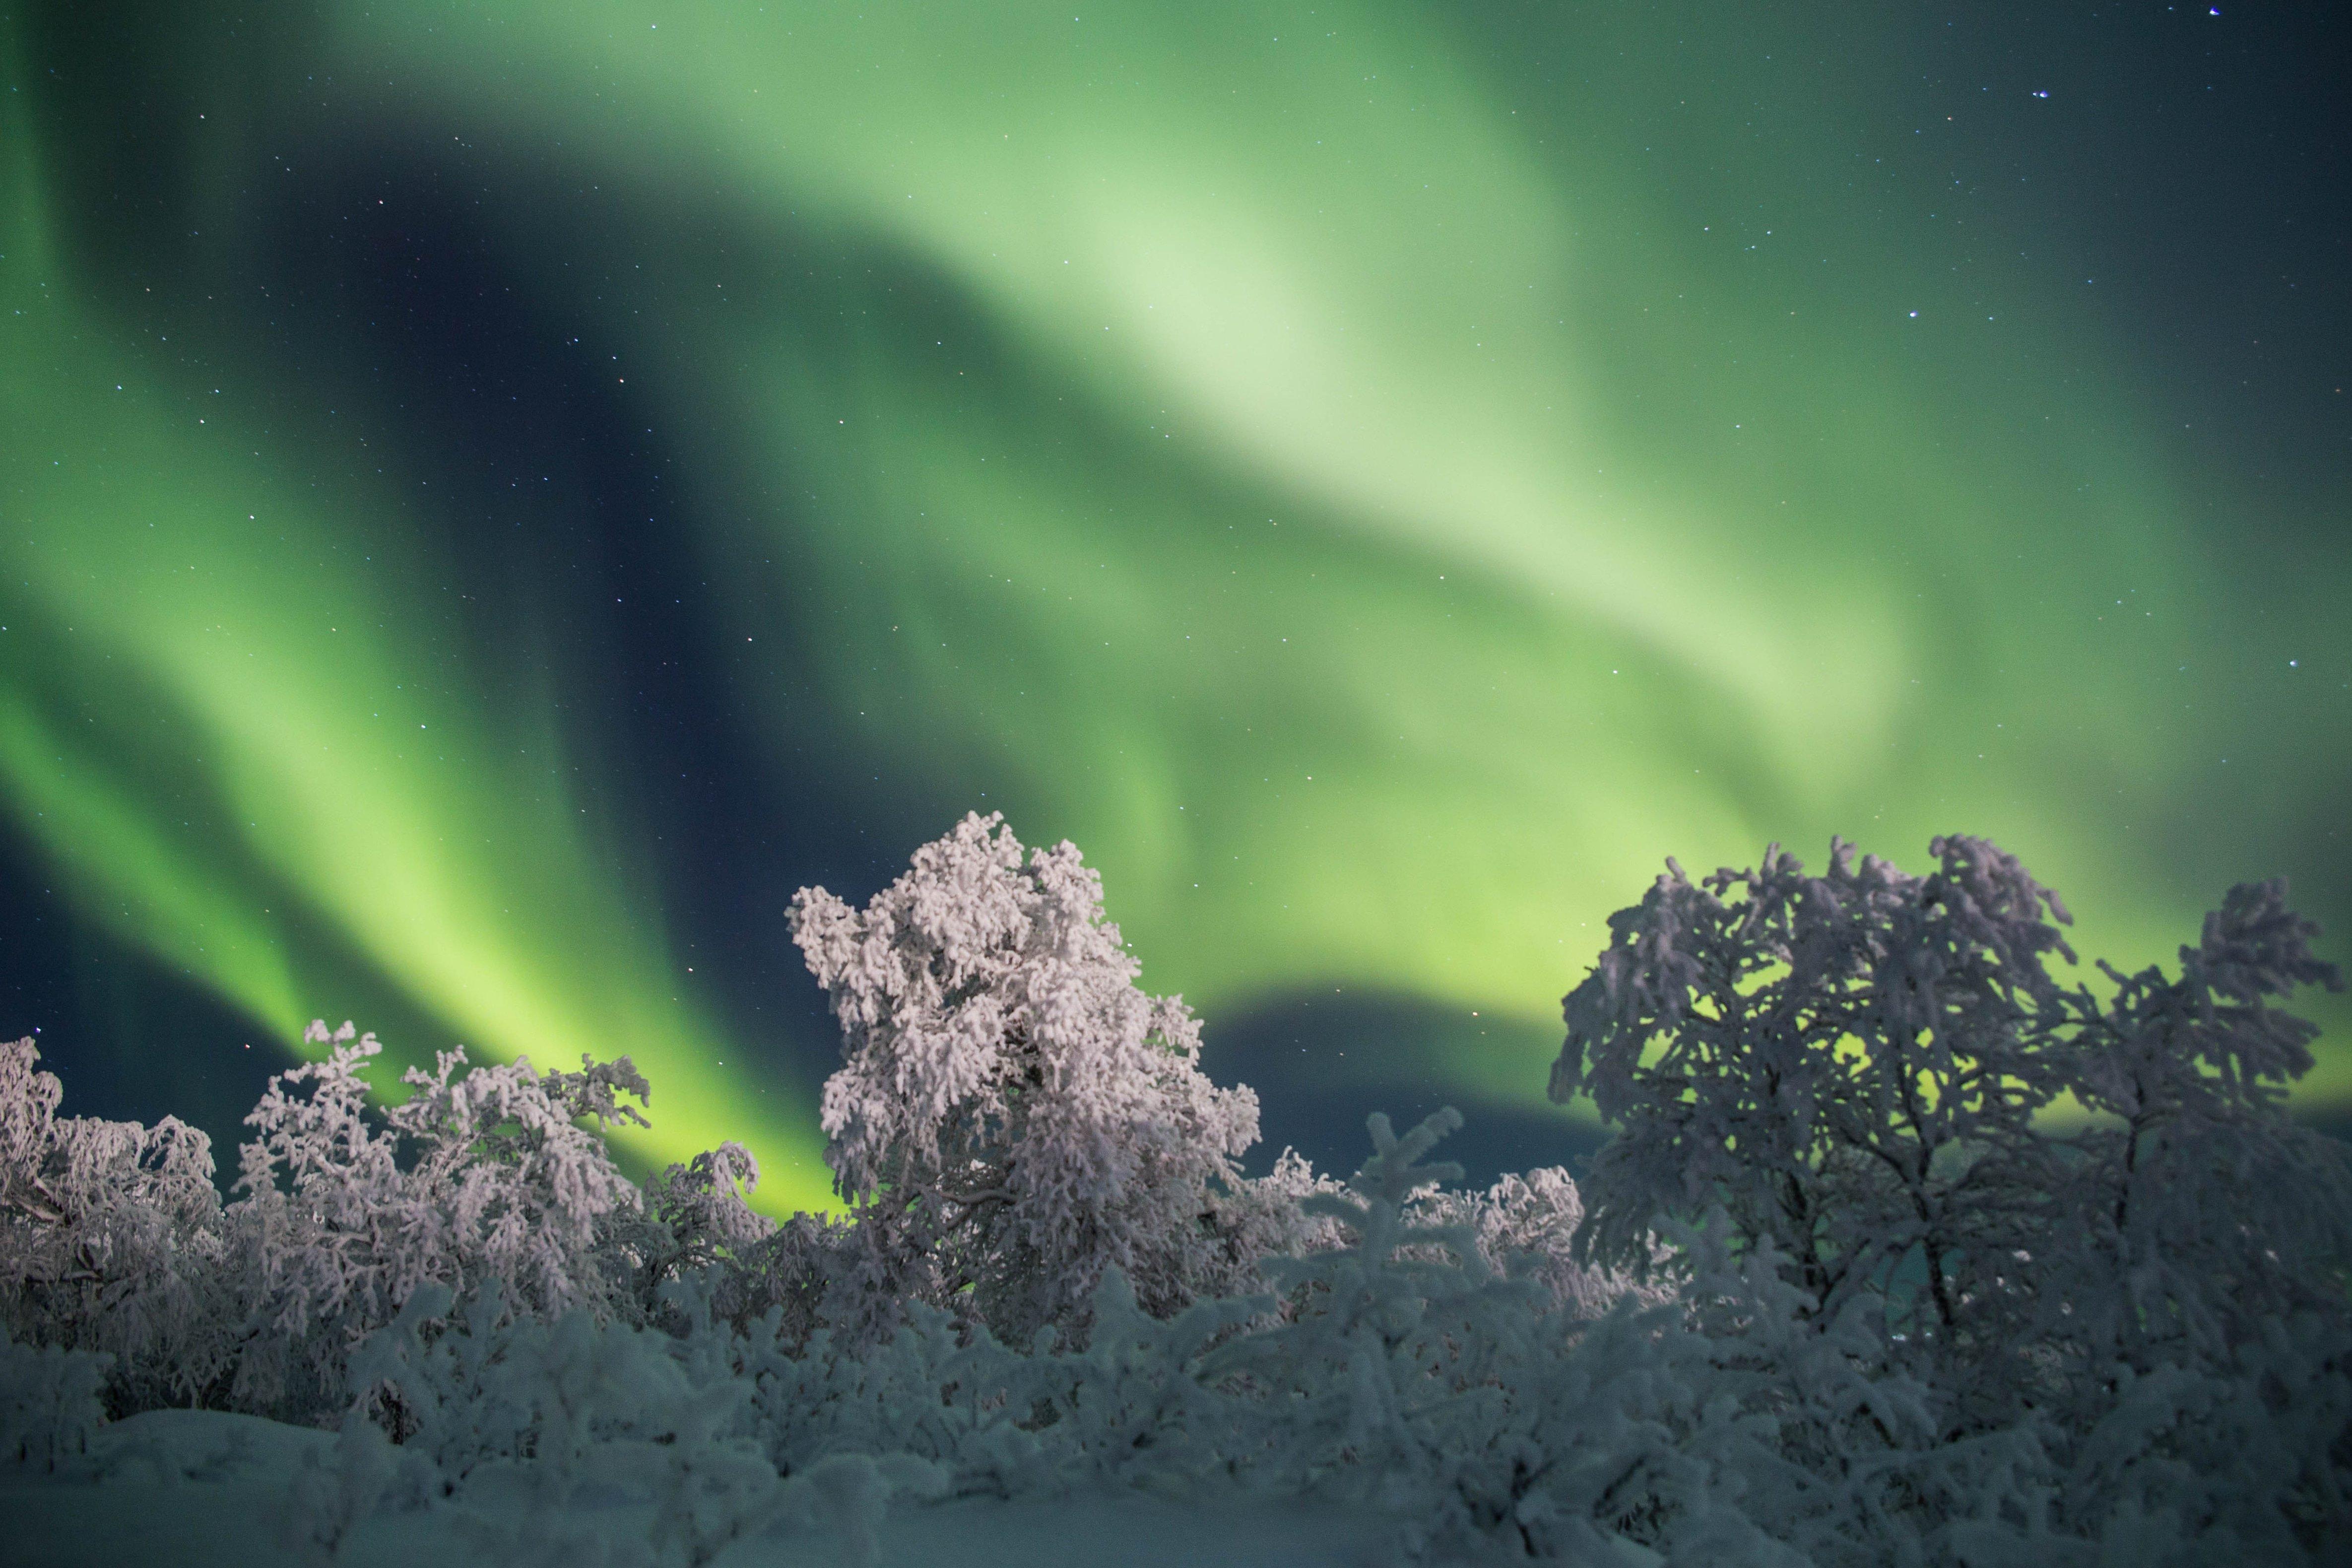 северное сияние, полярное сияние, мороз, деревья, снег, сугробы, север, пейзаж, природа, иней, ночь, кольский край, мурманская область, звёзды, Салтыкова Алёна